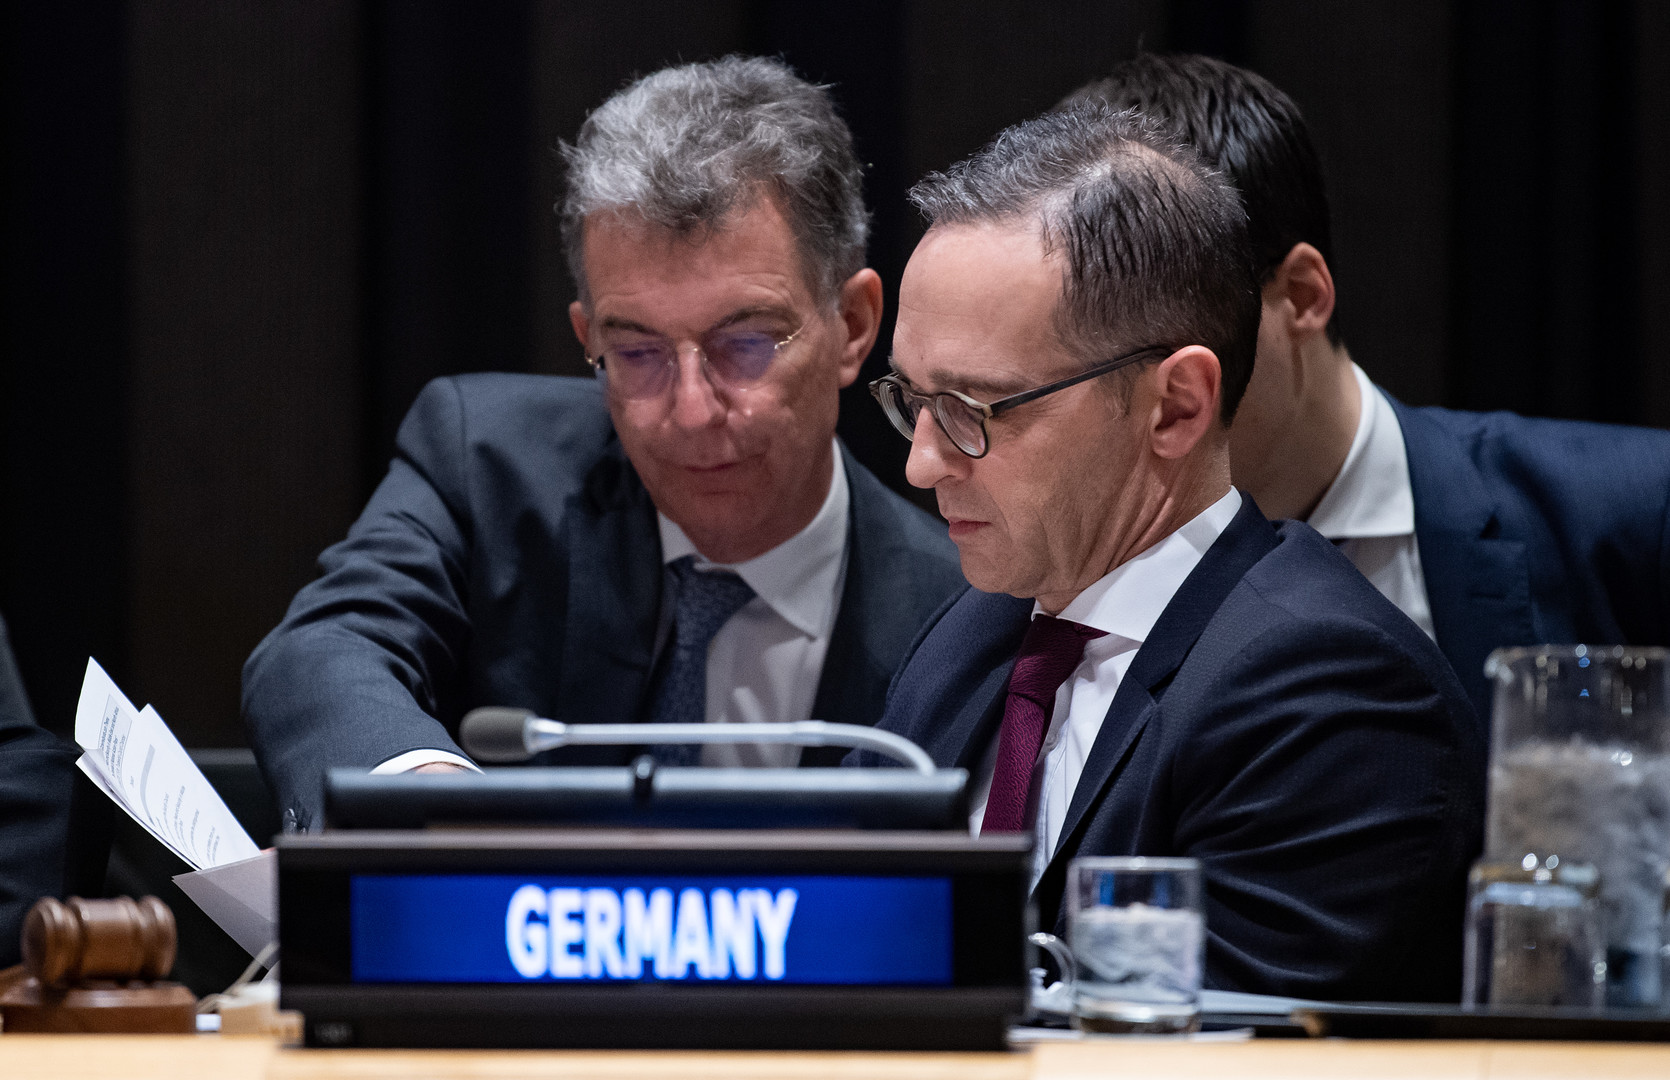 Pro- oder Anti-Israel? Maas beklagt schlechte Behandlung Israels durch die Vereinten Nationen